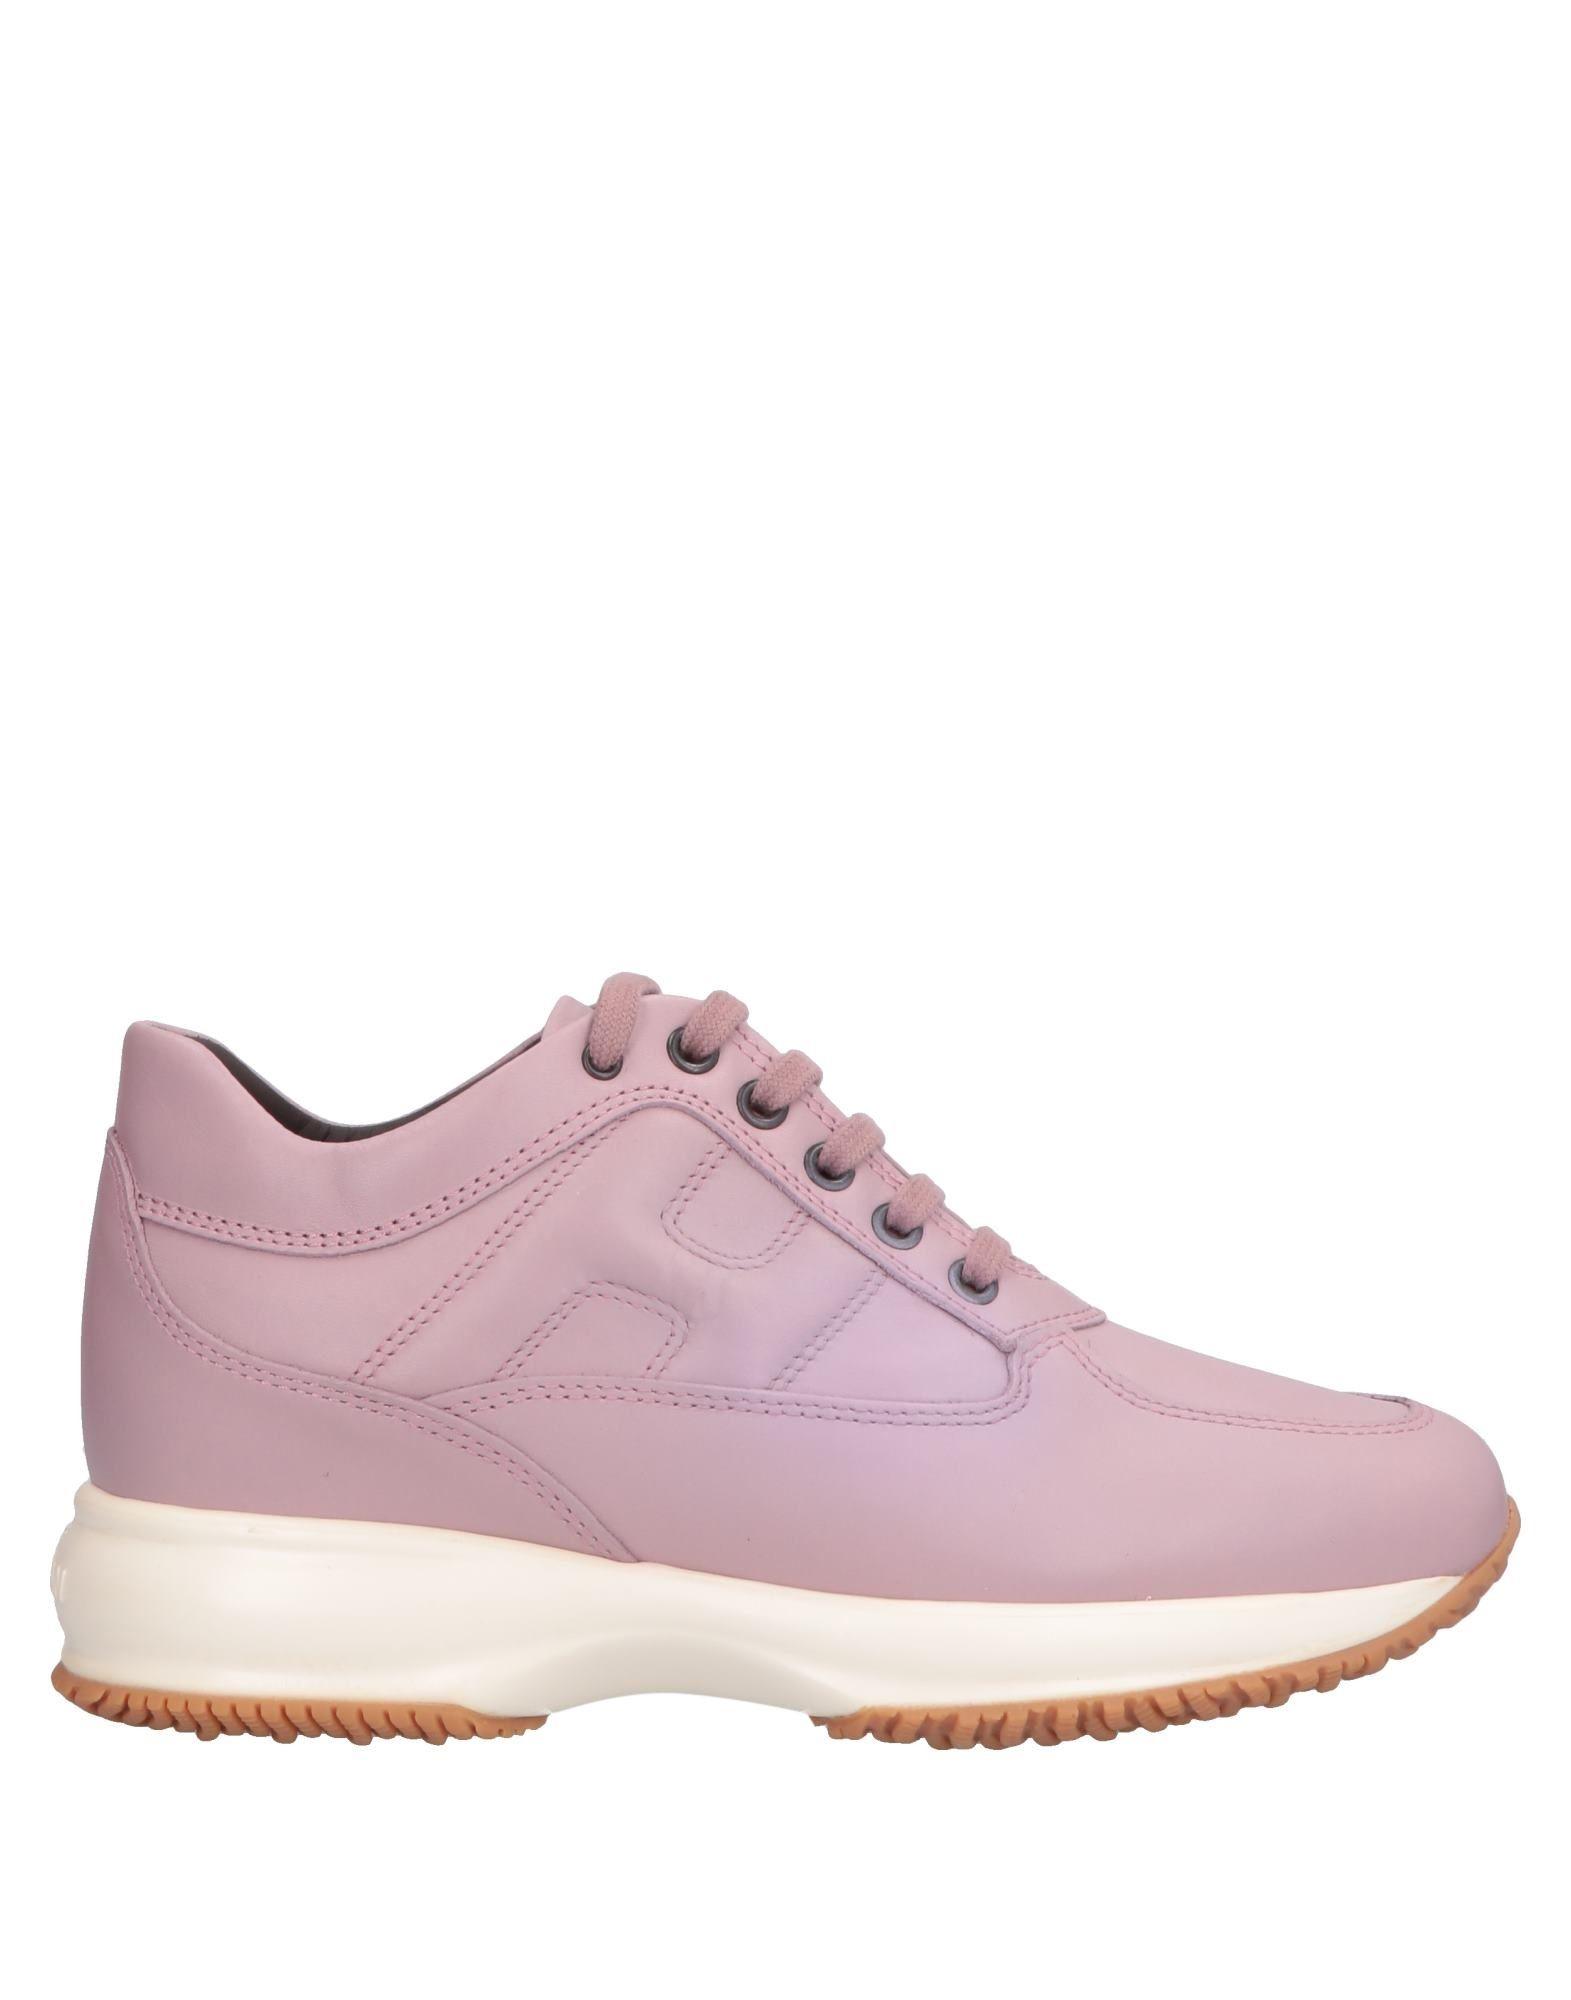 Baskets Hogan Femme - Baskets Hogan Mauve Dernières chaussures discount pour hommes et femmes